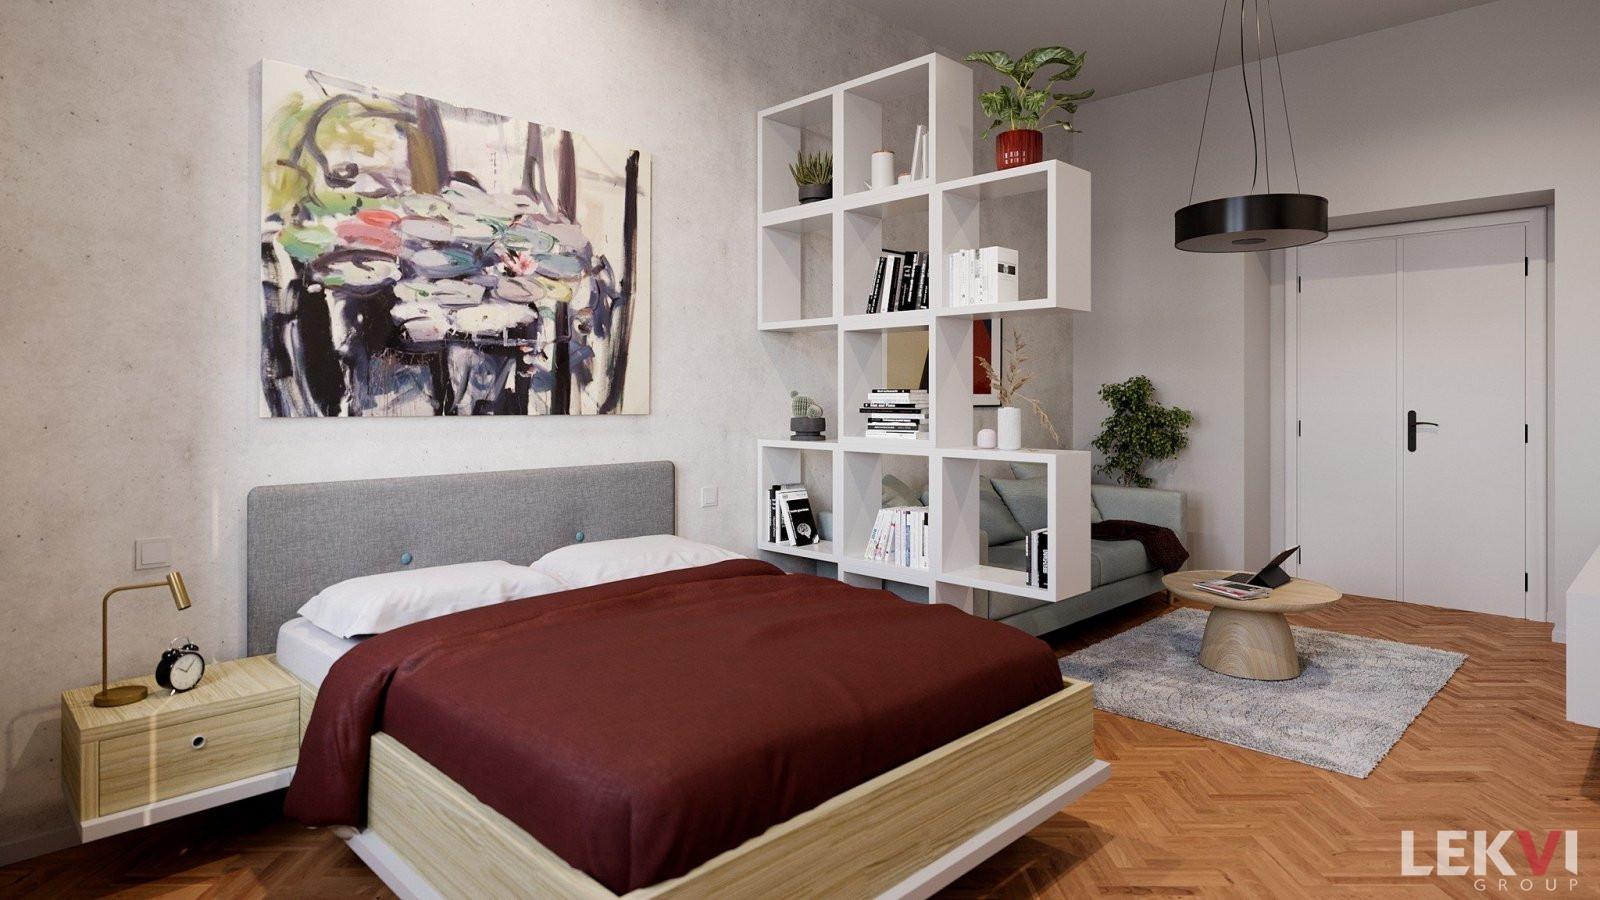 Prodej bytu 4+kk, 139 m2 - Sokolovská, Praha 8